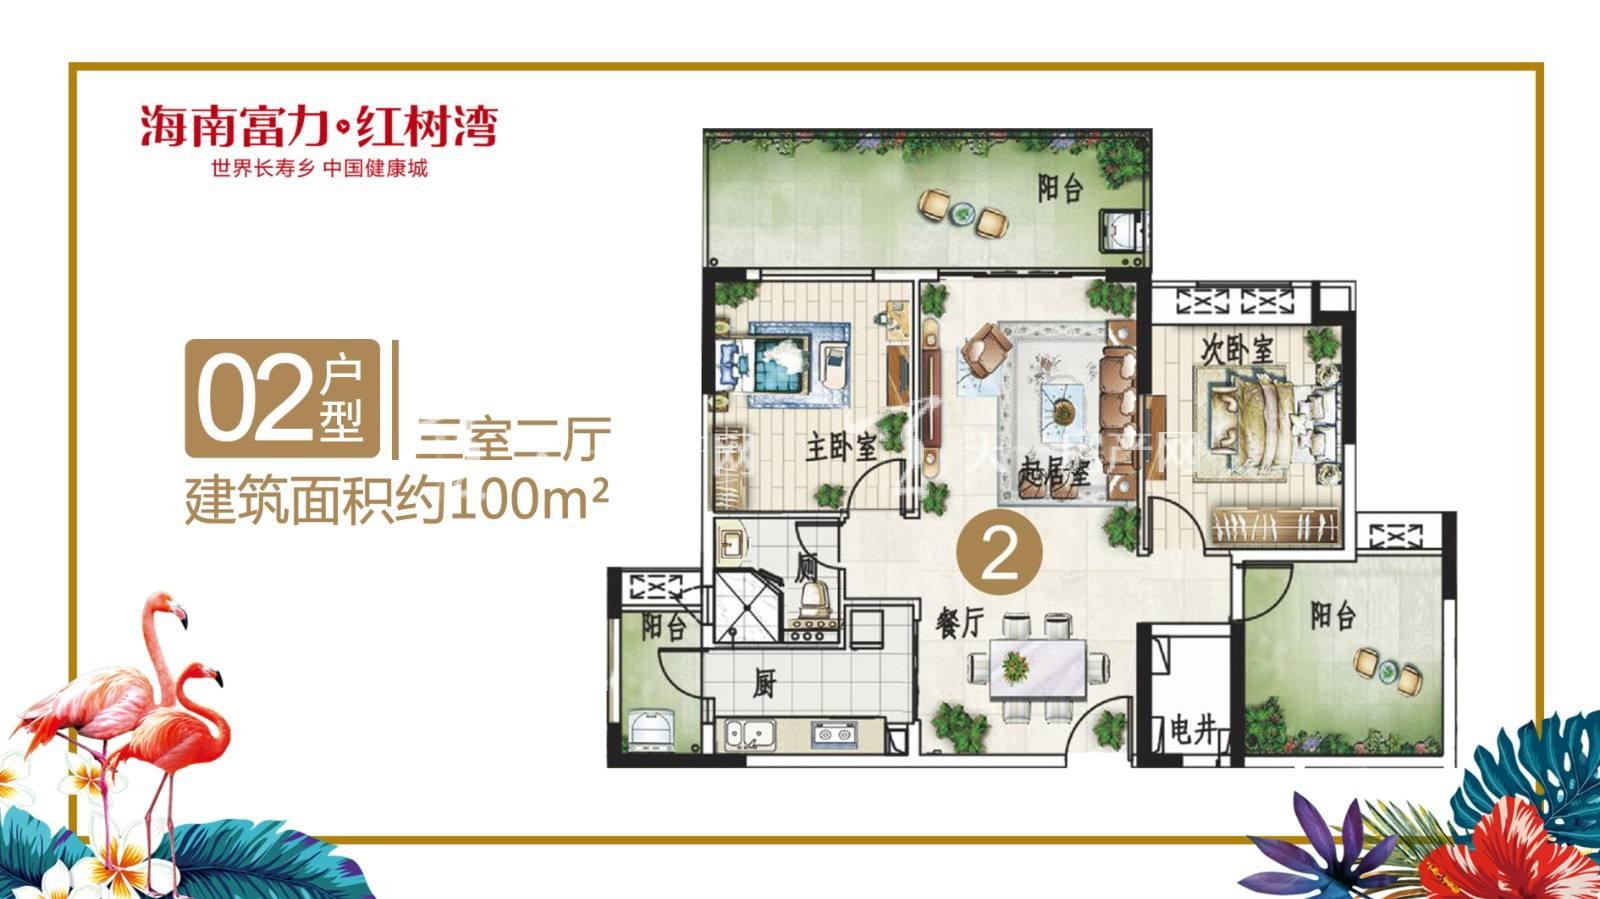 富力红树湾02户型三室两厅建筑面积100㎡